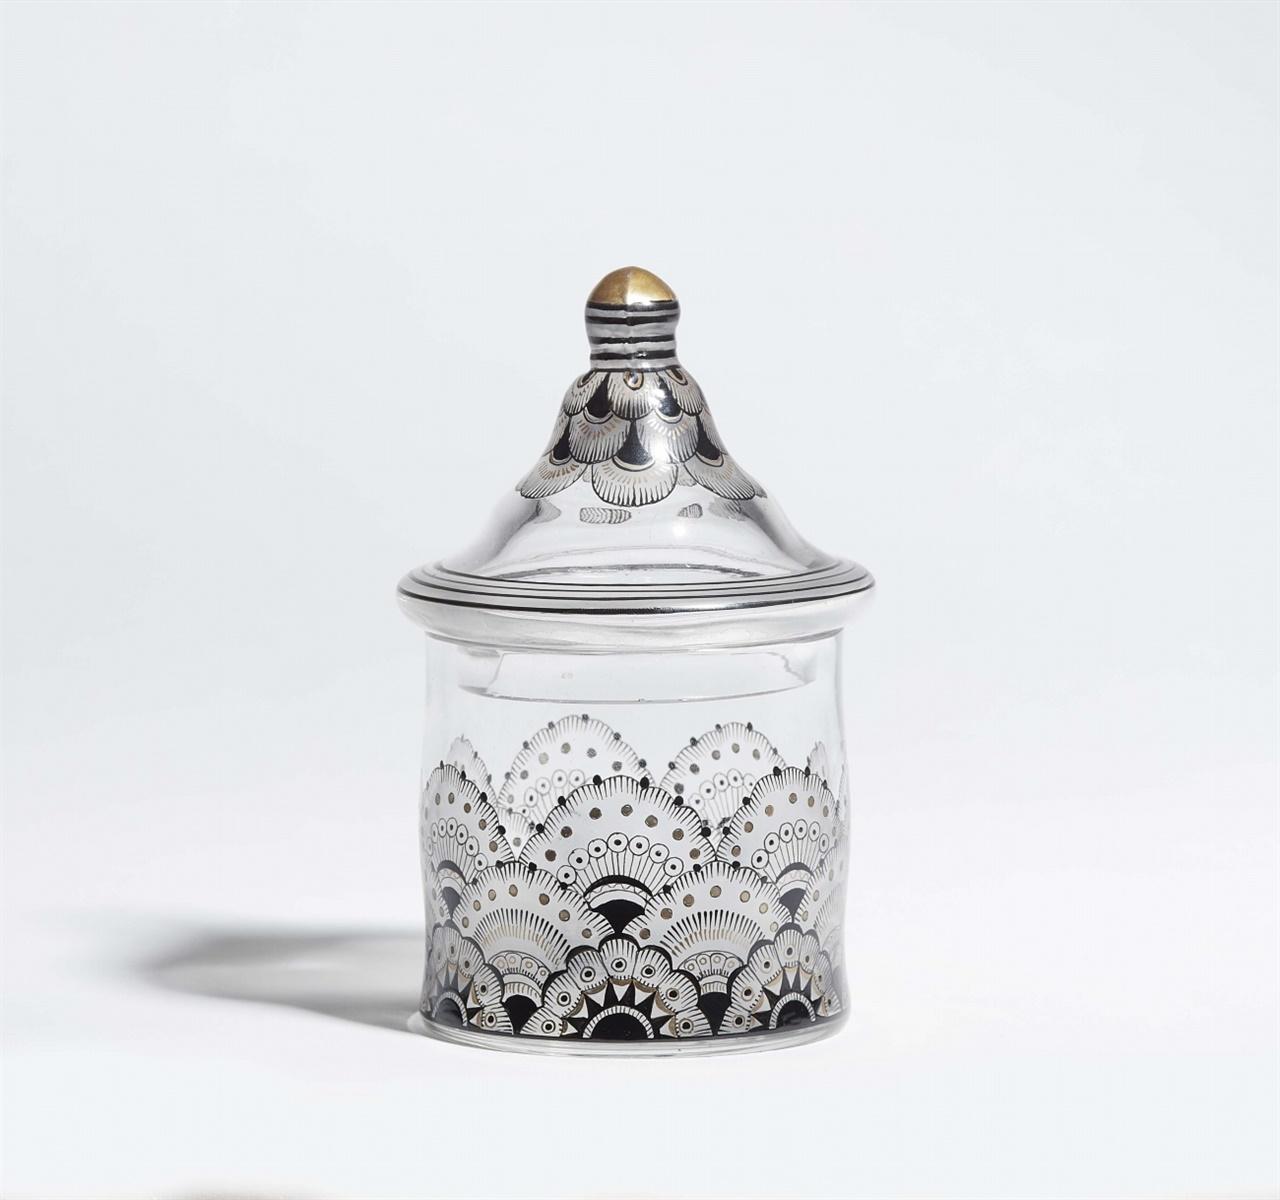 Böhmischer DeckelbecherFarbloses Glas mit Schwarzlot- und Goldbemalung über Mattätzung. H 14,5 cm